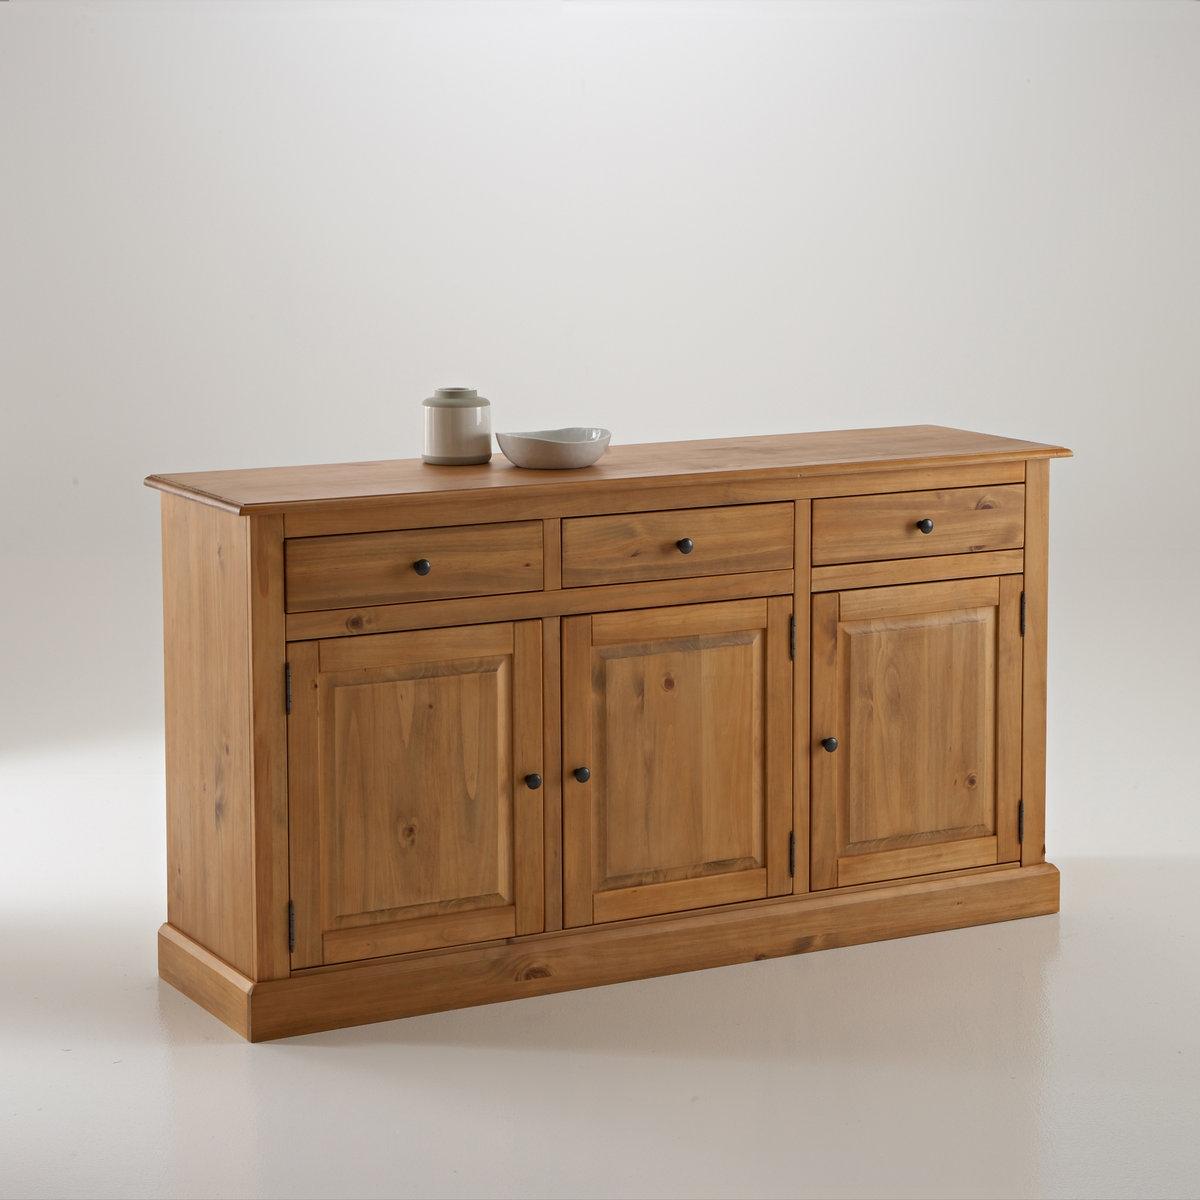 Шкаф-буфет La Redoute Из массива сосны Authentic Style единый размер бежевый m style буфет prinz